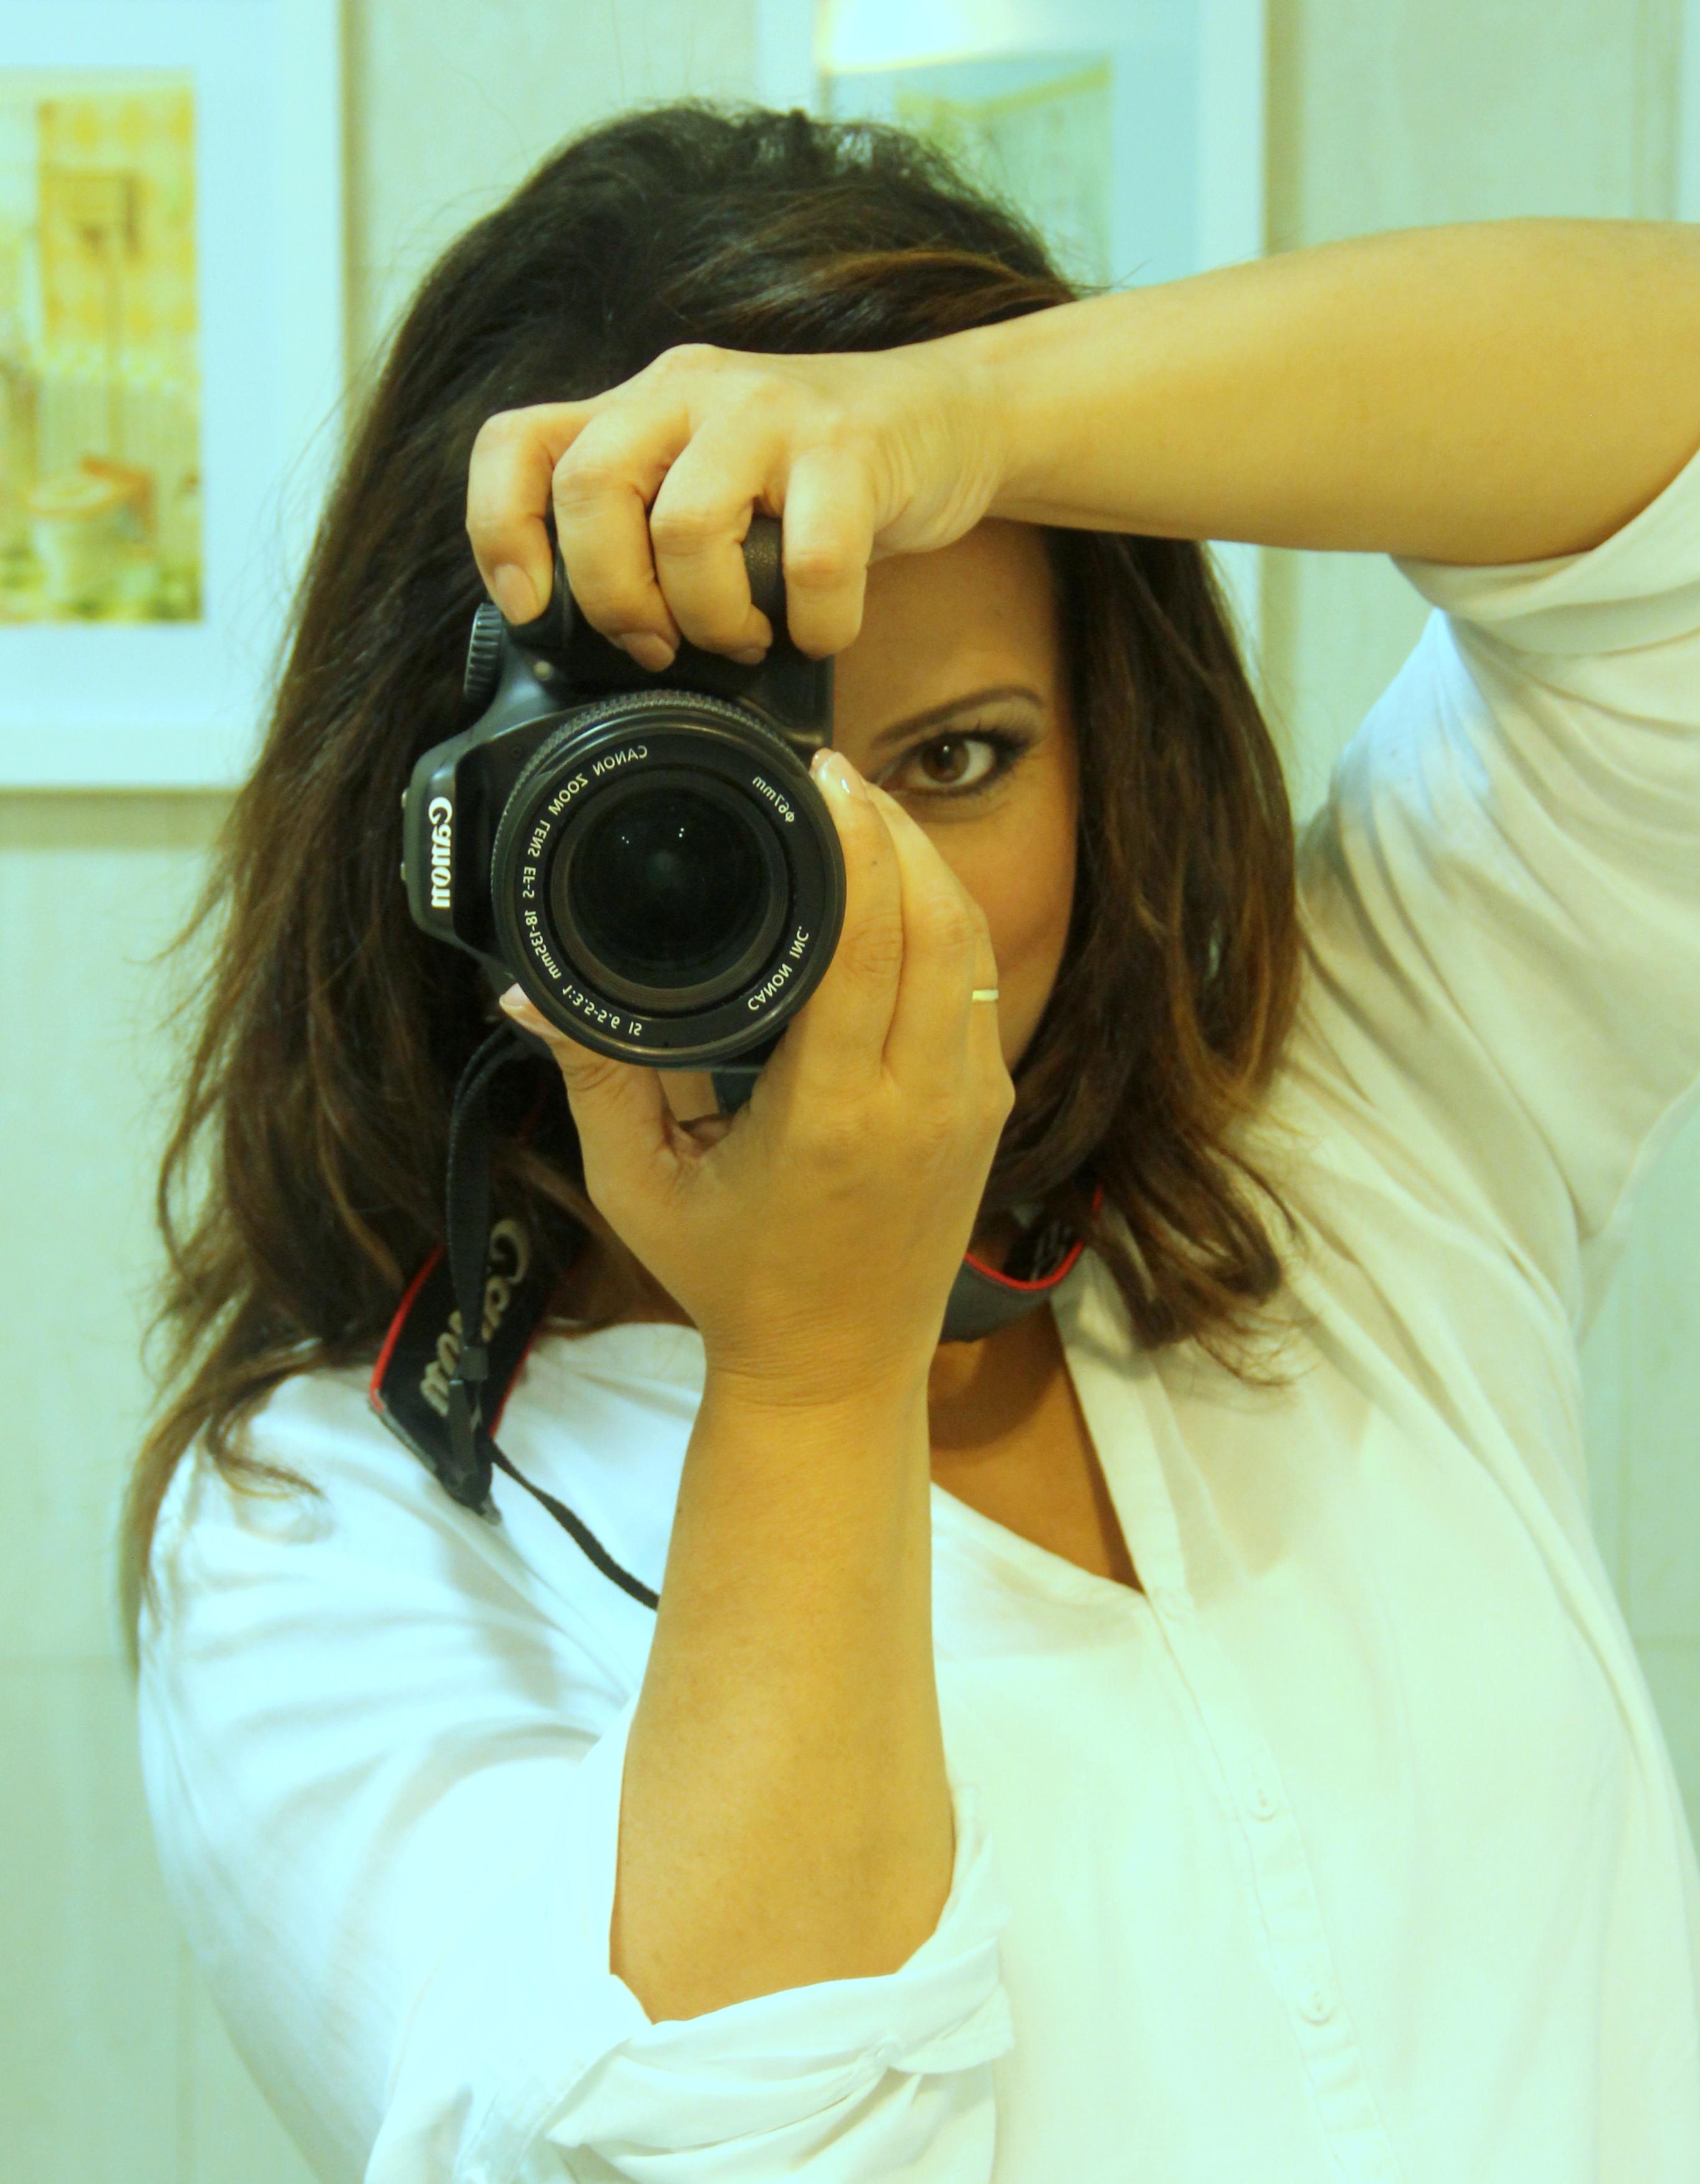 Contate Fotografia de qualidade e bom preço no Rio de Janeiro.